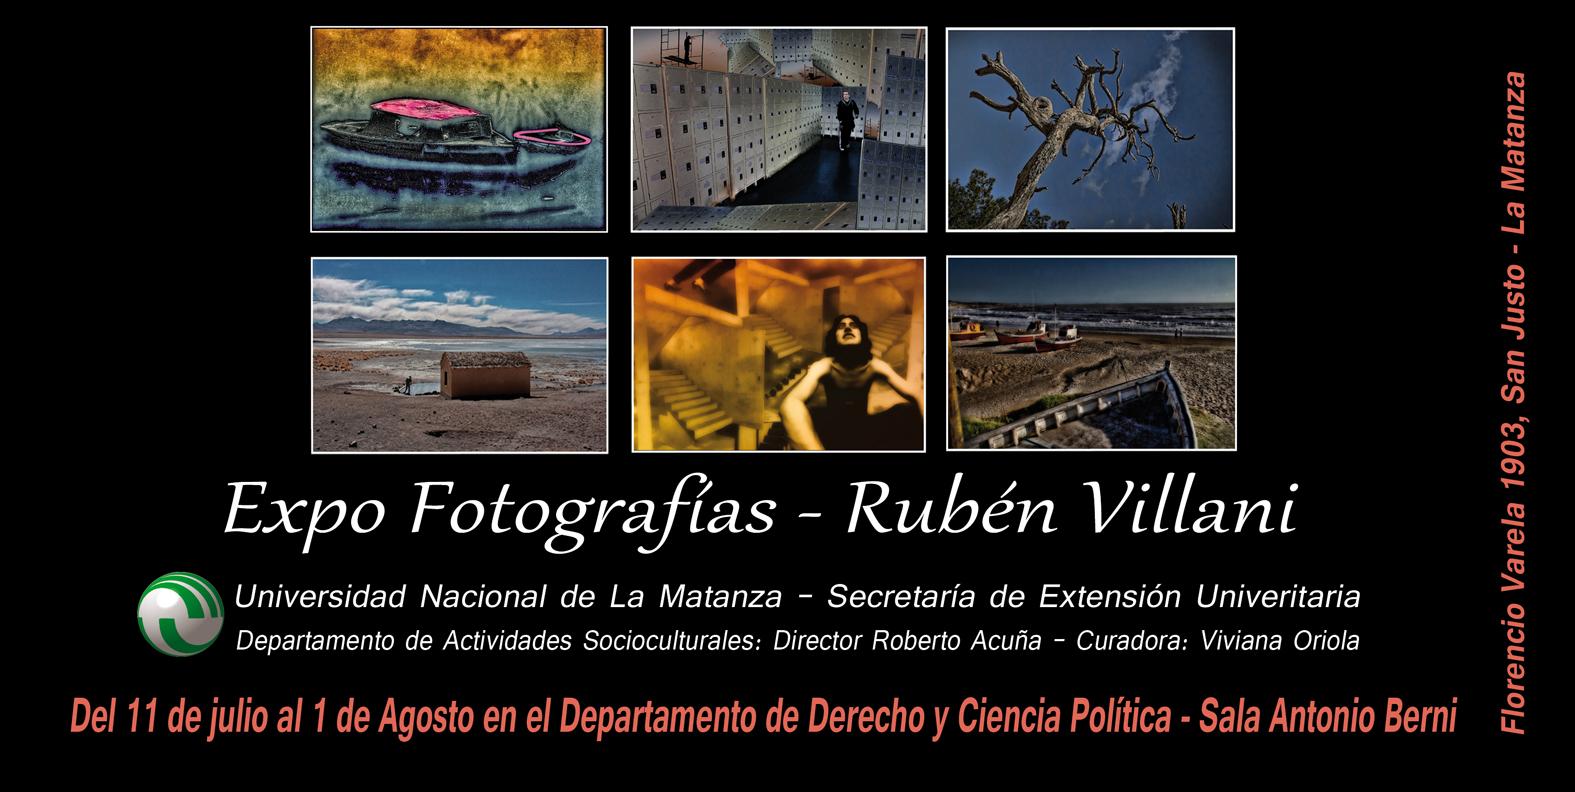 Expo fotografía en la UNLaM